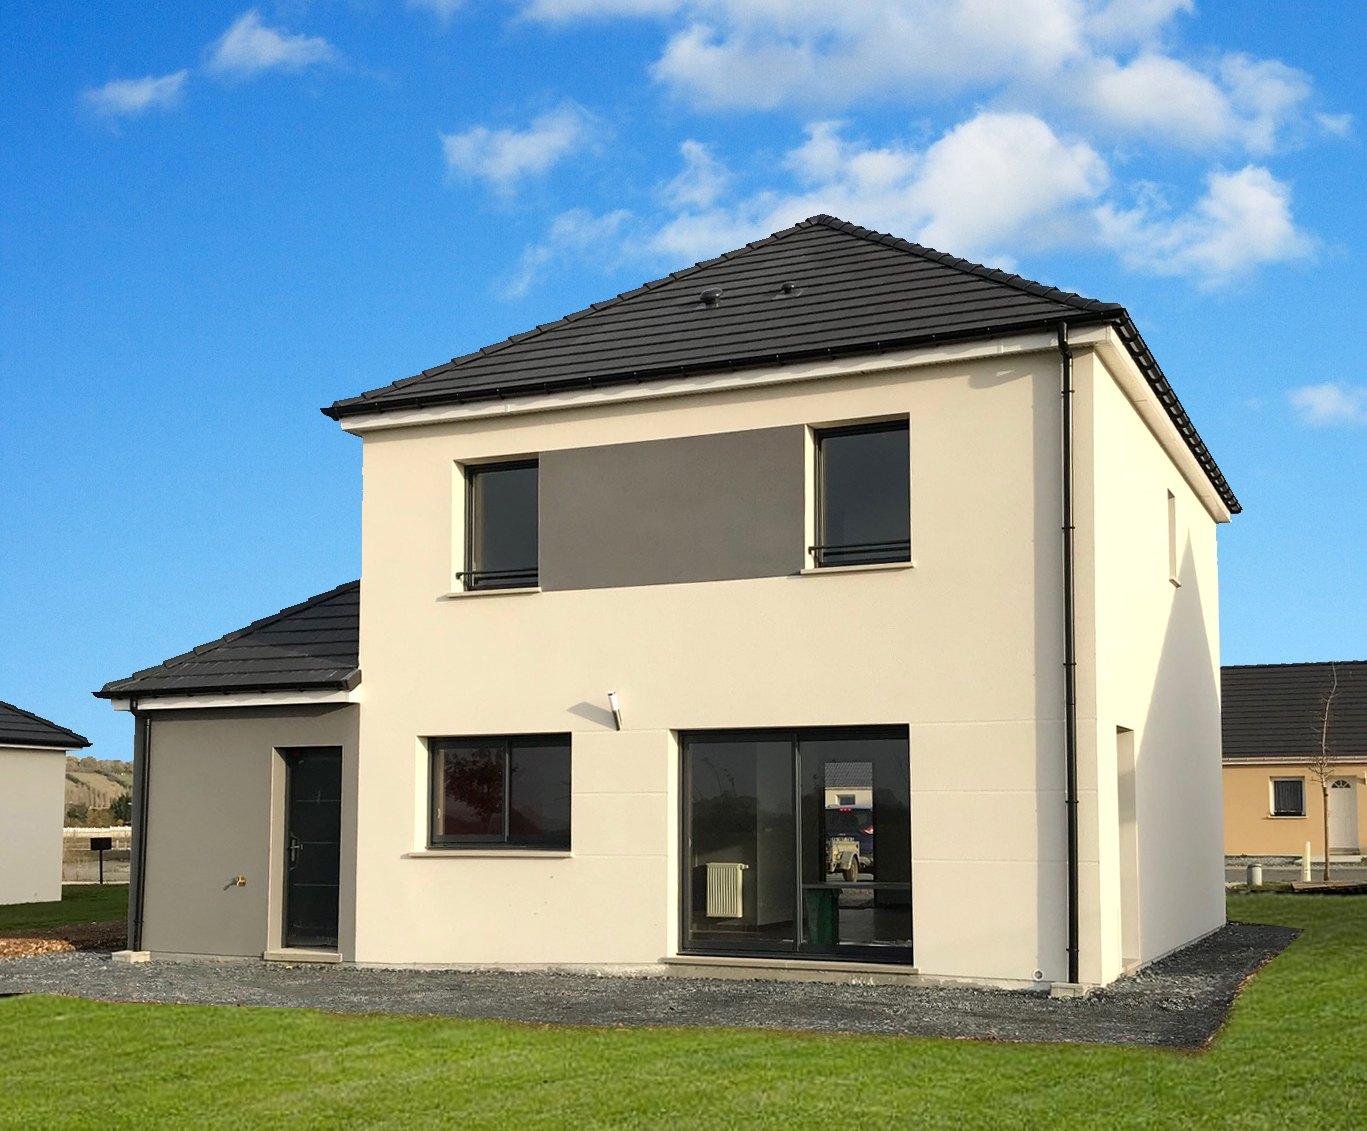 Maisons + Terrains du constructeur MAISON FAMILIALE • 110 m² • CONCHES EN OUCHE